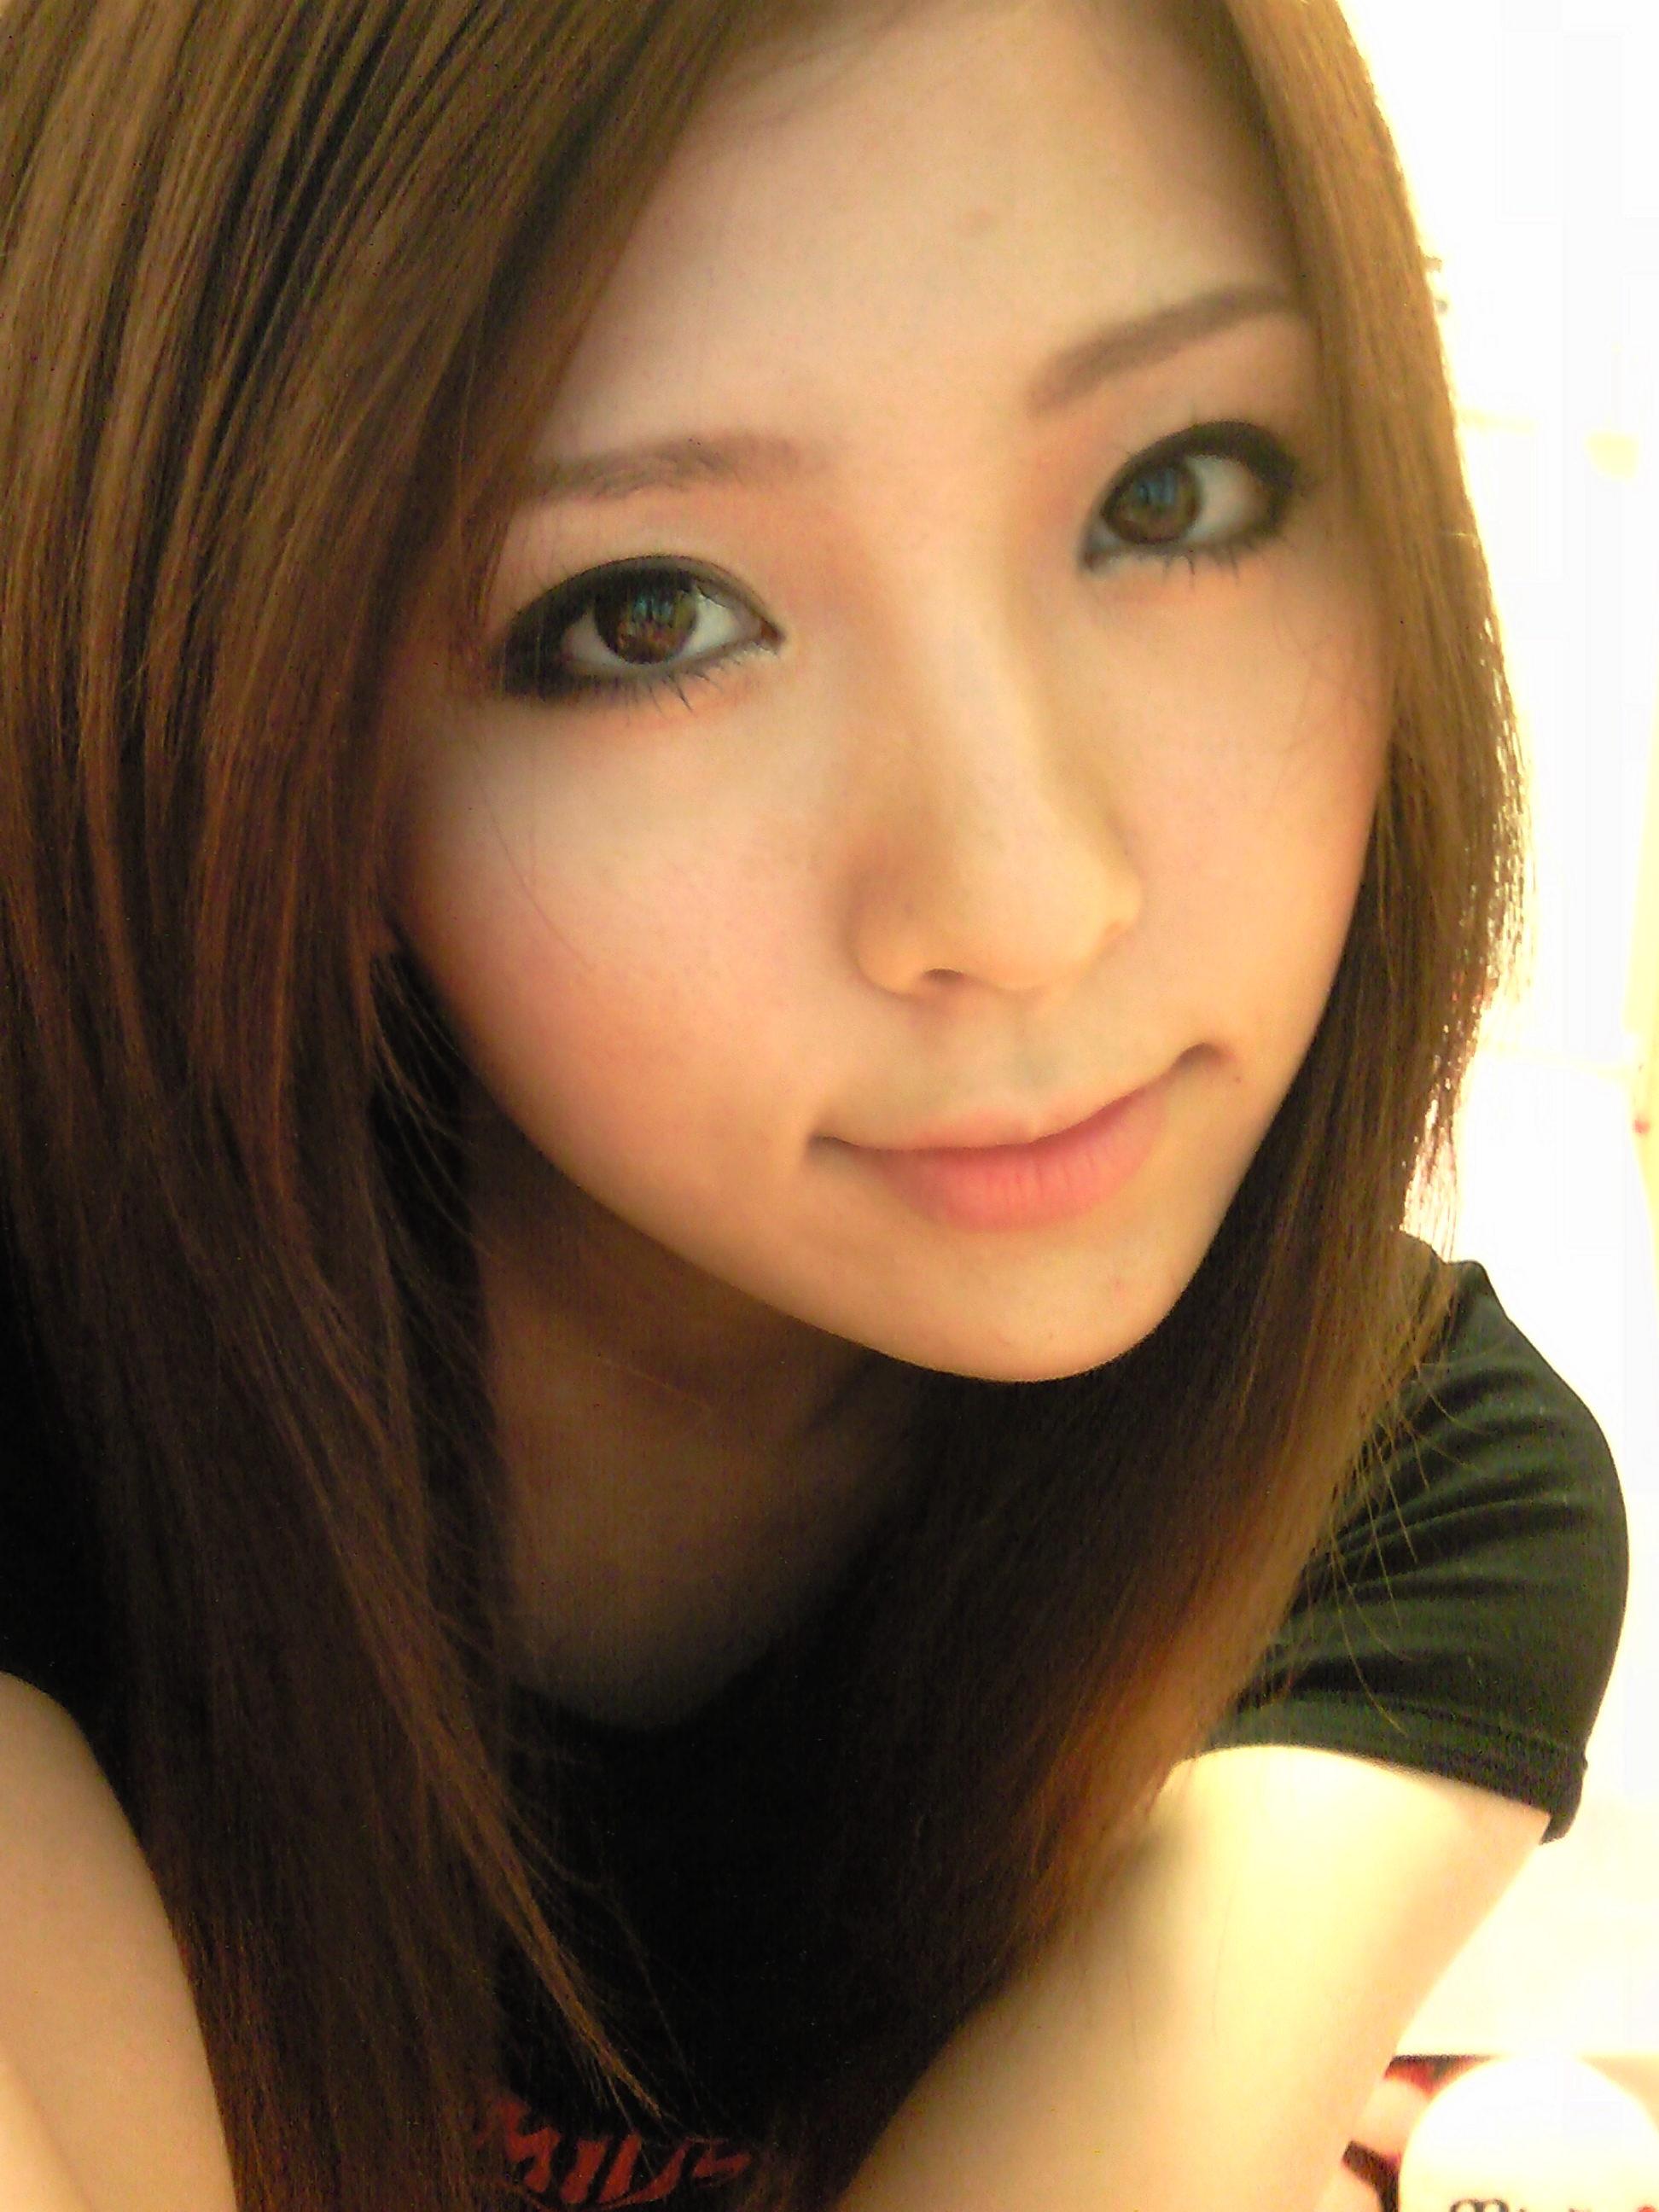 かわいすぎるAV女優 まとめ畫像 : 桜木凜 畫像のまとめ【100枚以上】 - NAVER まとめ